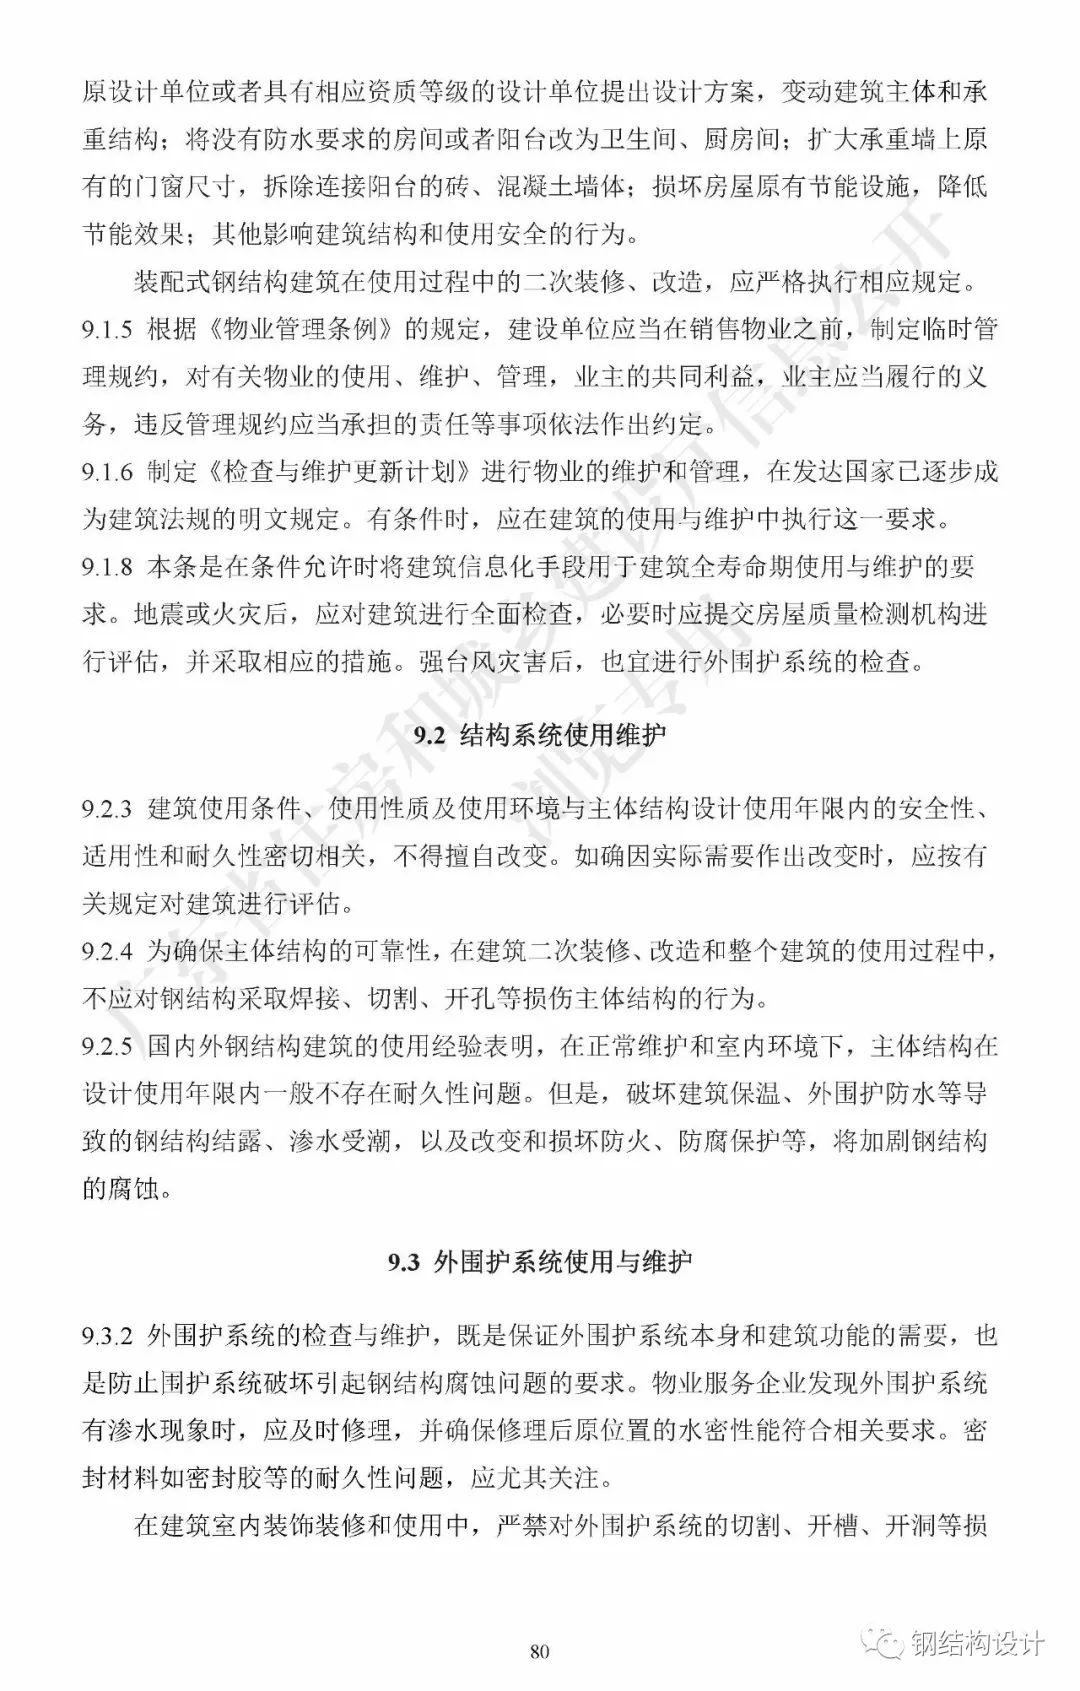 广东省《装配式钢结构建筑技术规程》发布_90